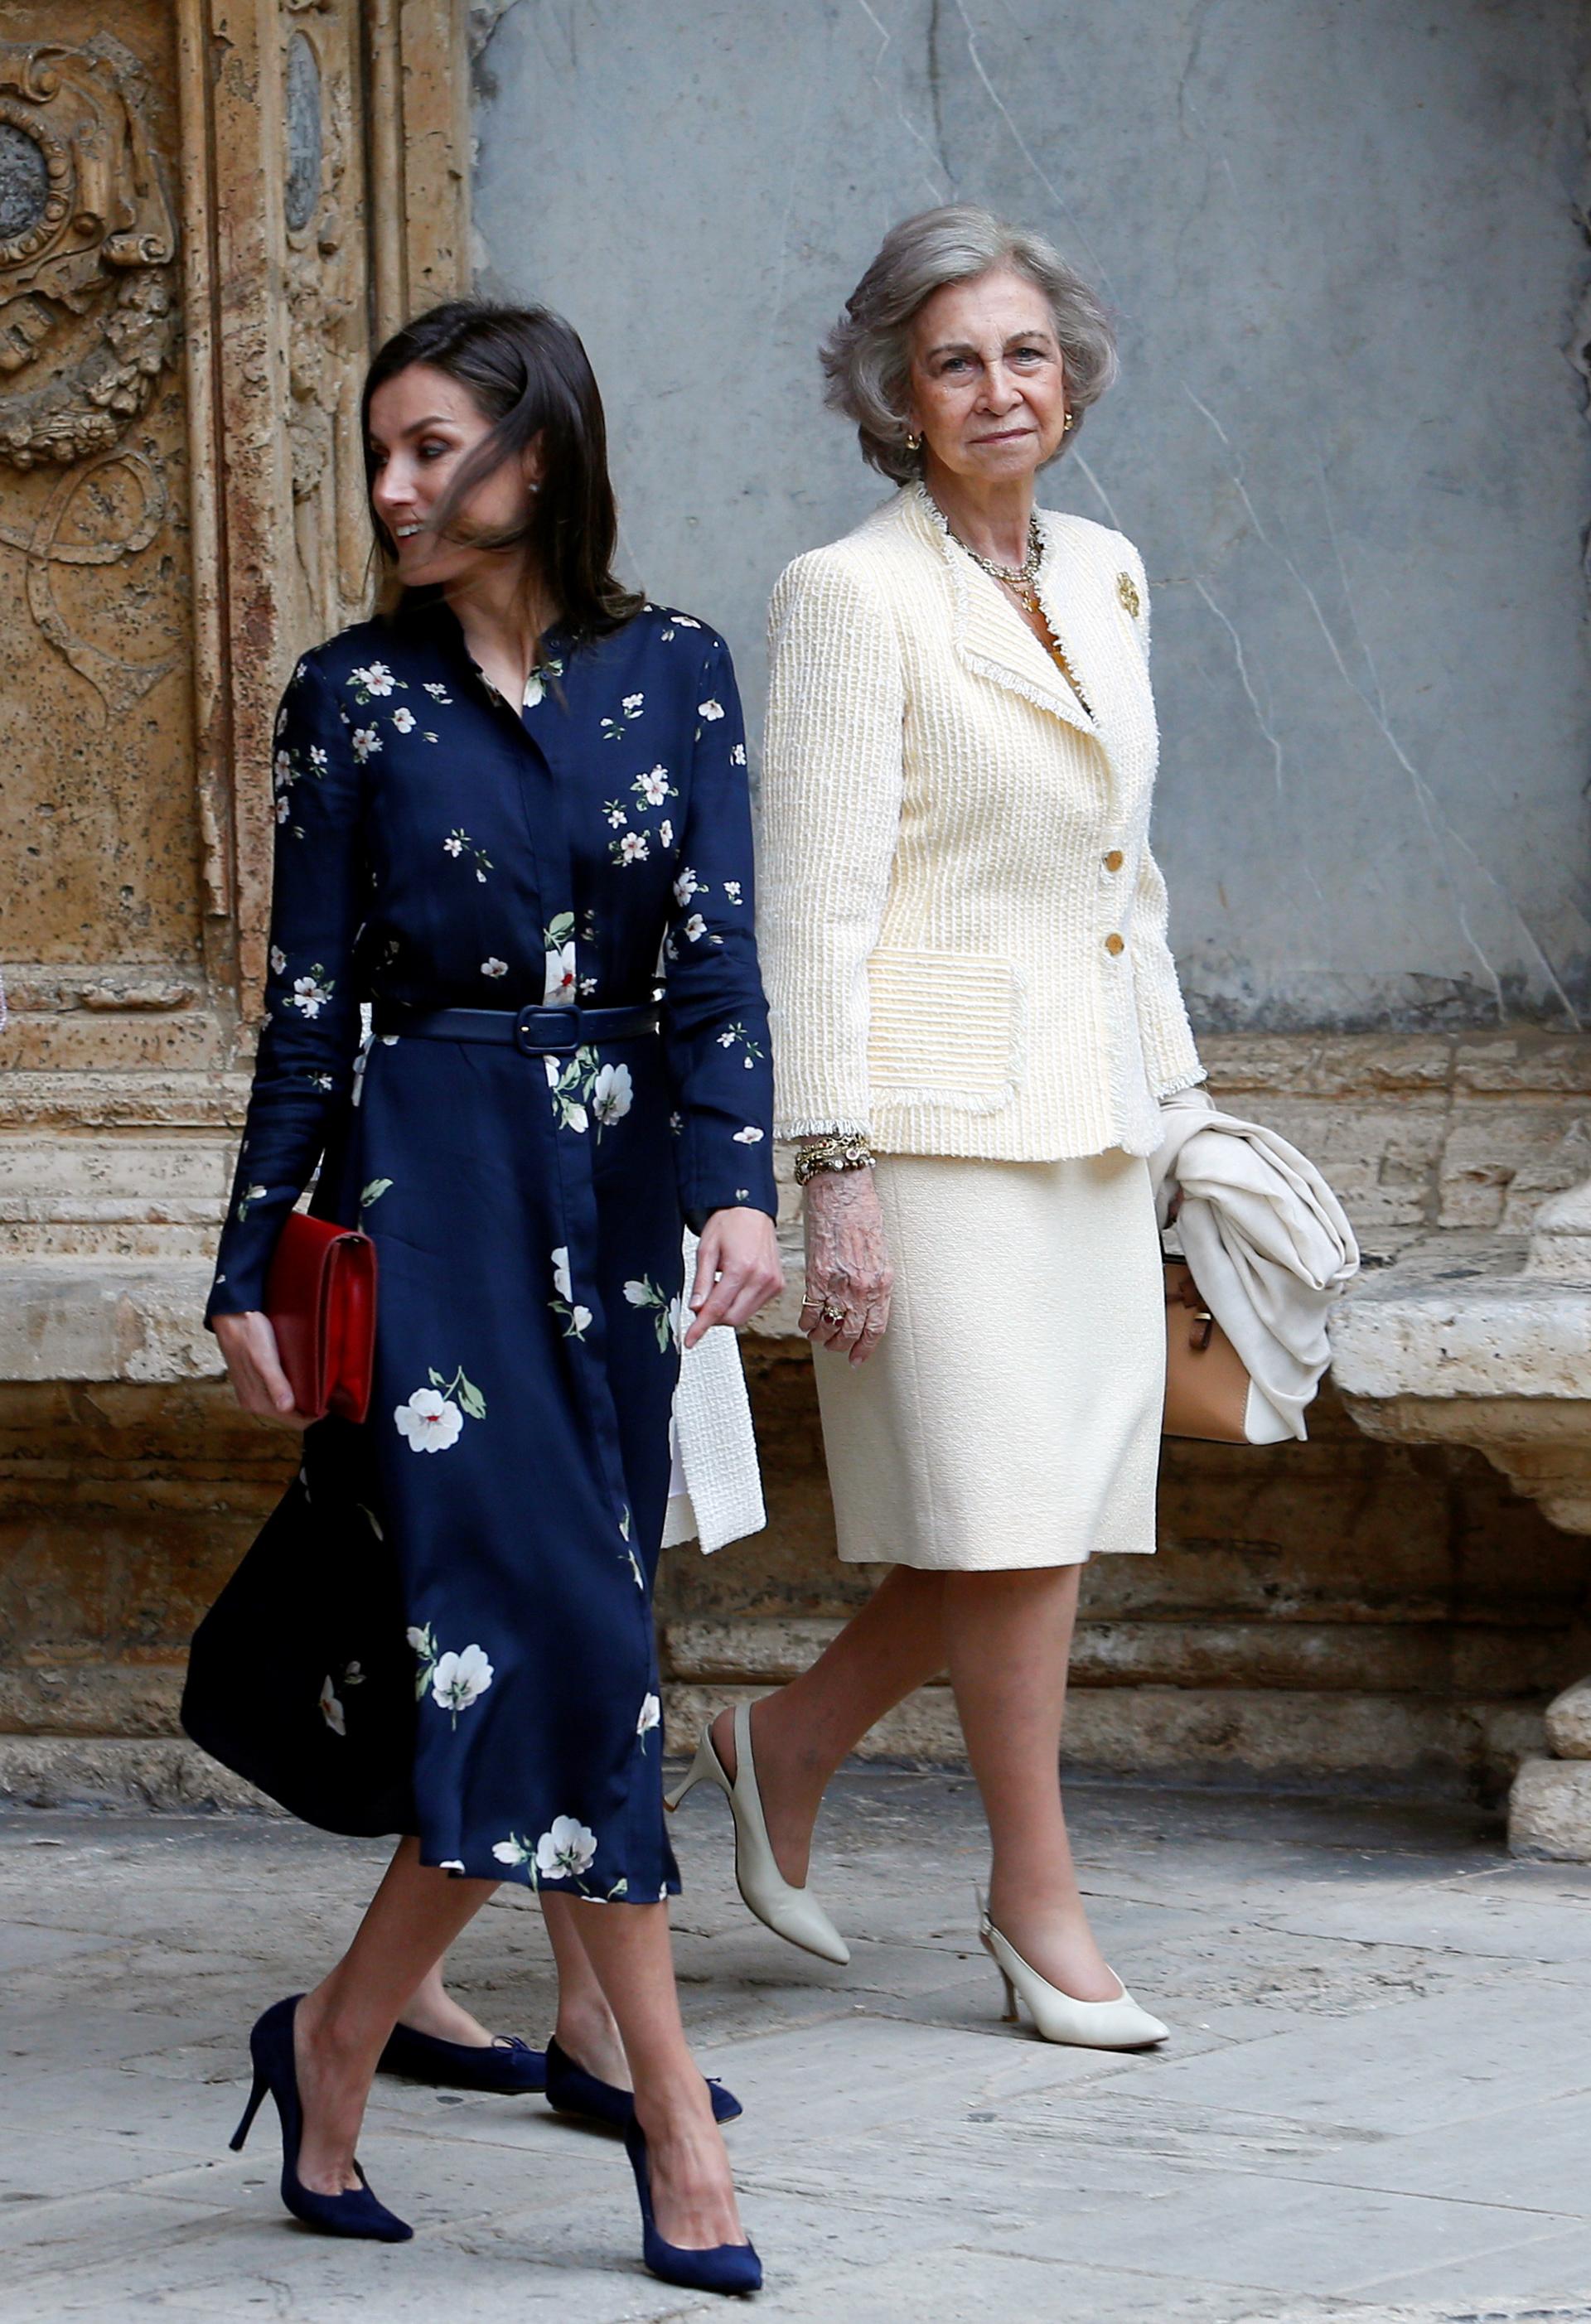 Letizia eligió un vestido azul noche con pequeñas estampas, mientras que su suegra escogió un conjunto de blazer y falda